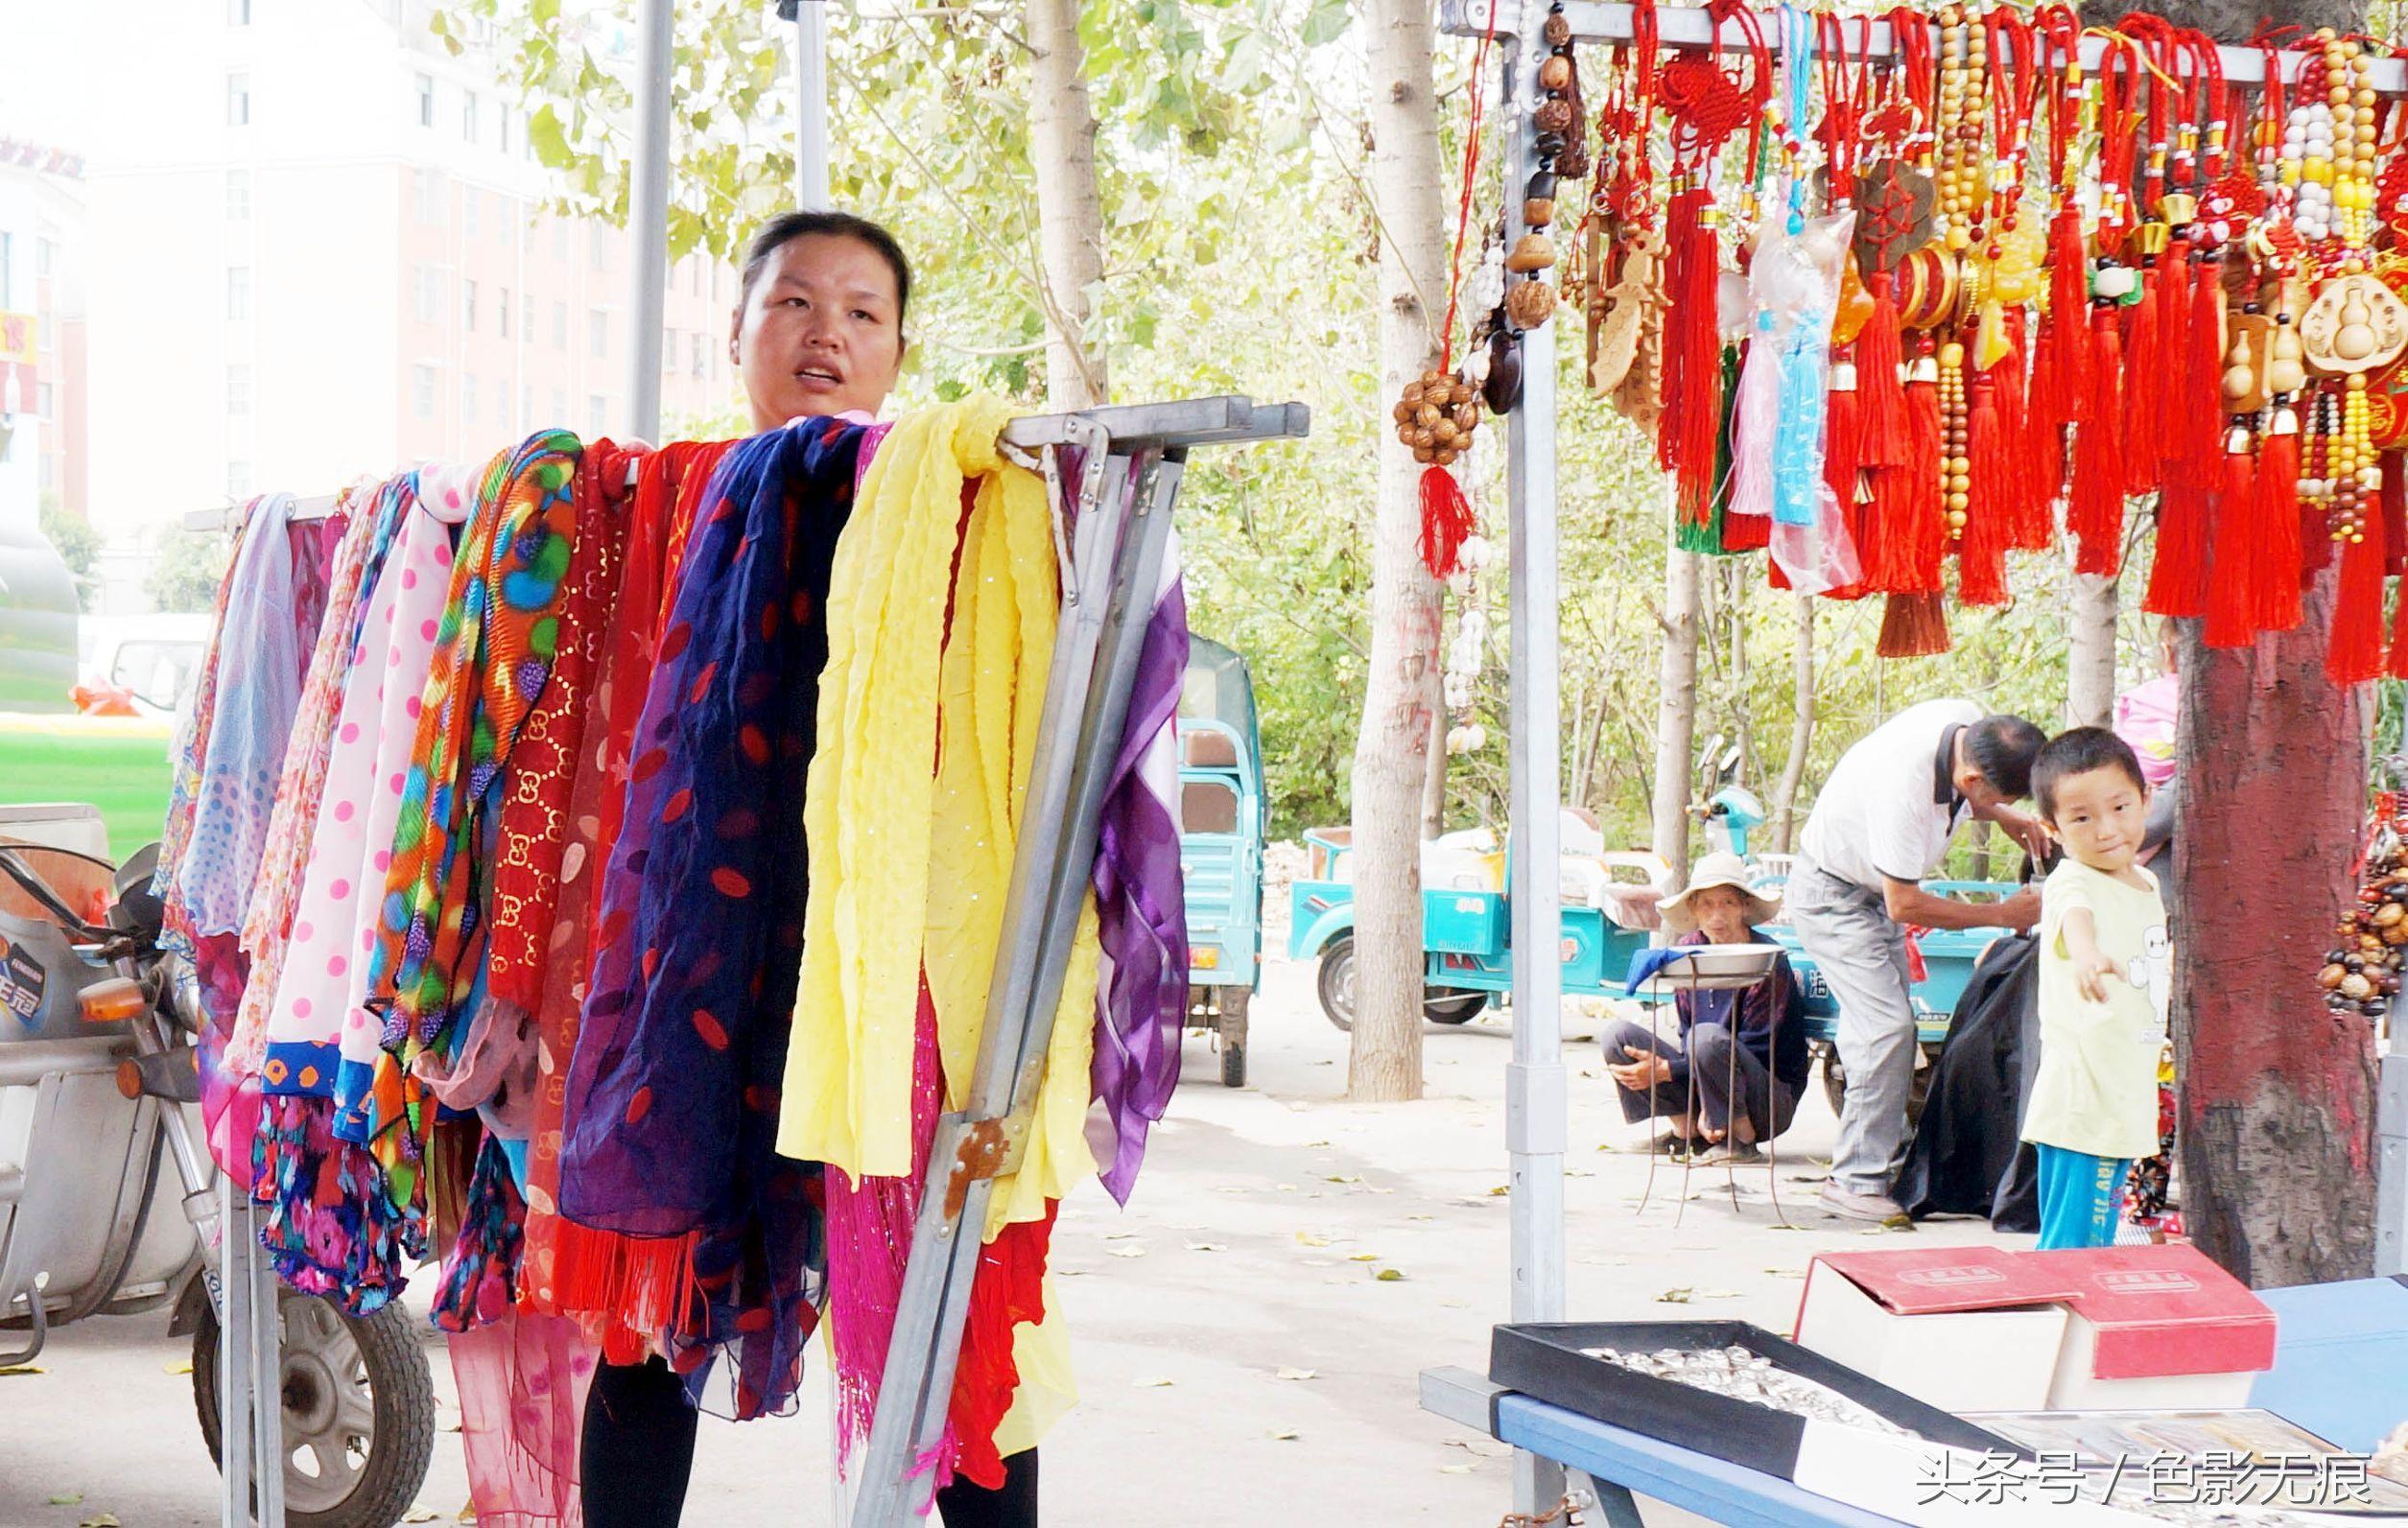 商贩在摆放丝巾和小的工艺品,薄利多销是商贩们生意之道.